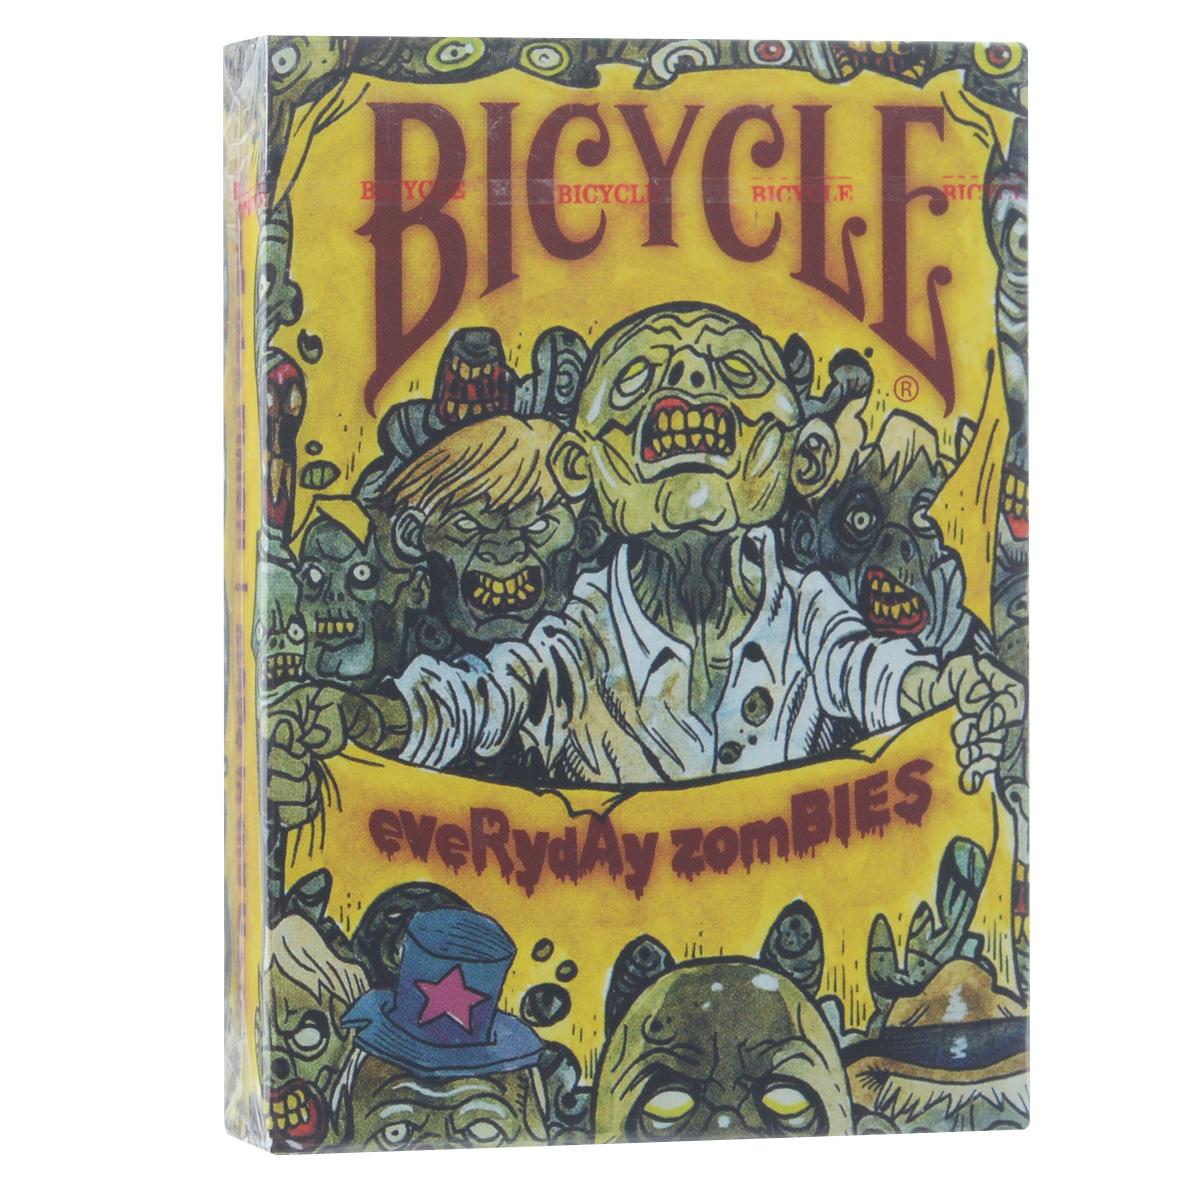 Карты игральные коллекционные Bicycle Everyday Zombie, 54 штBICYCLE_EVERY_ZOMBIE